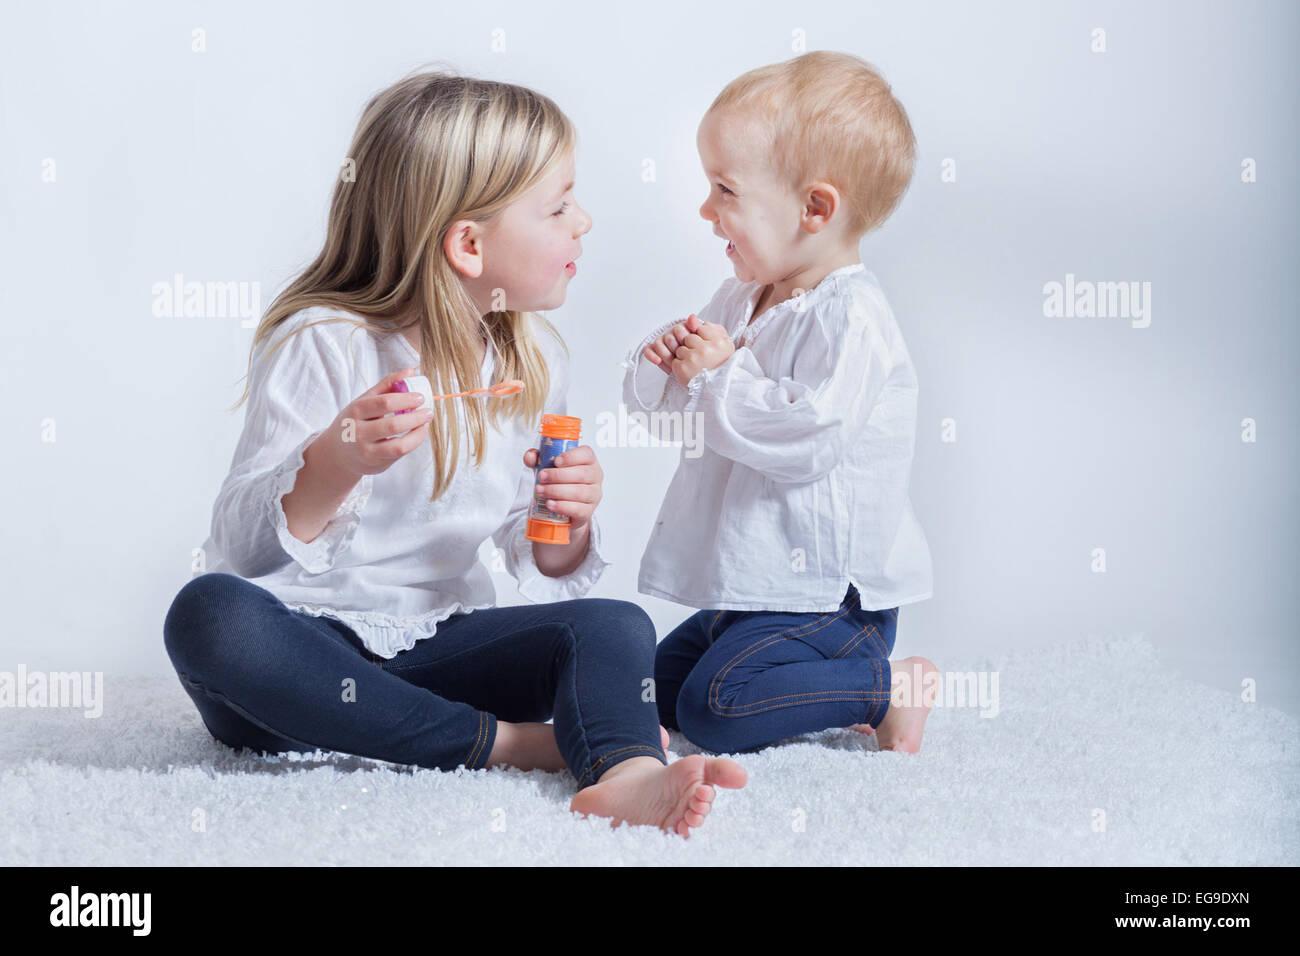 Frères et sœurs (2-3, 6-7) à jouer avec bubble wand Photo Stock